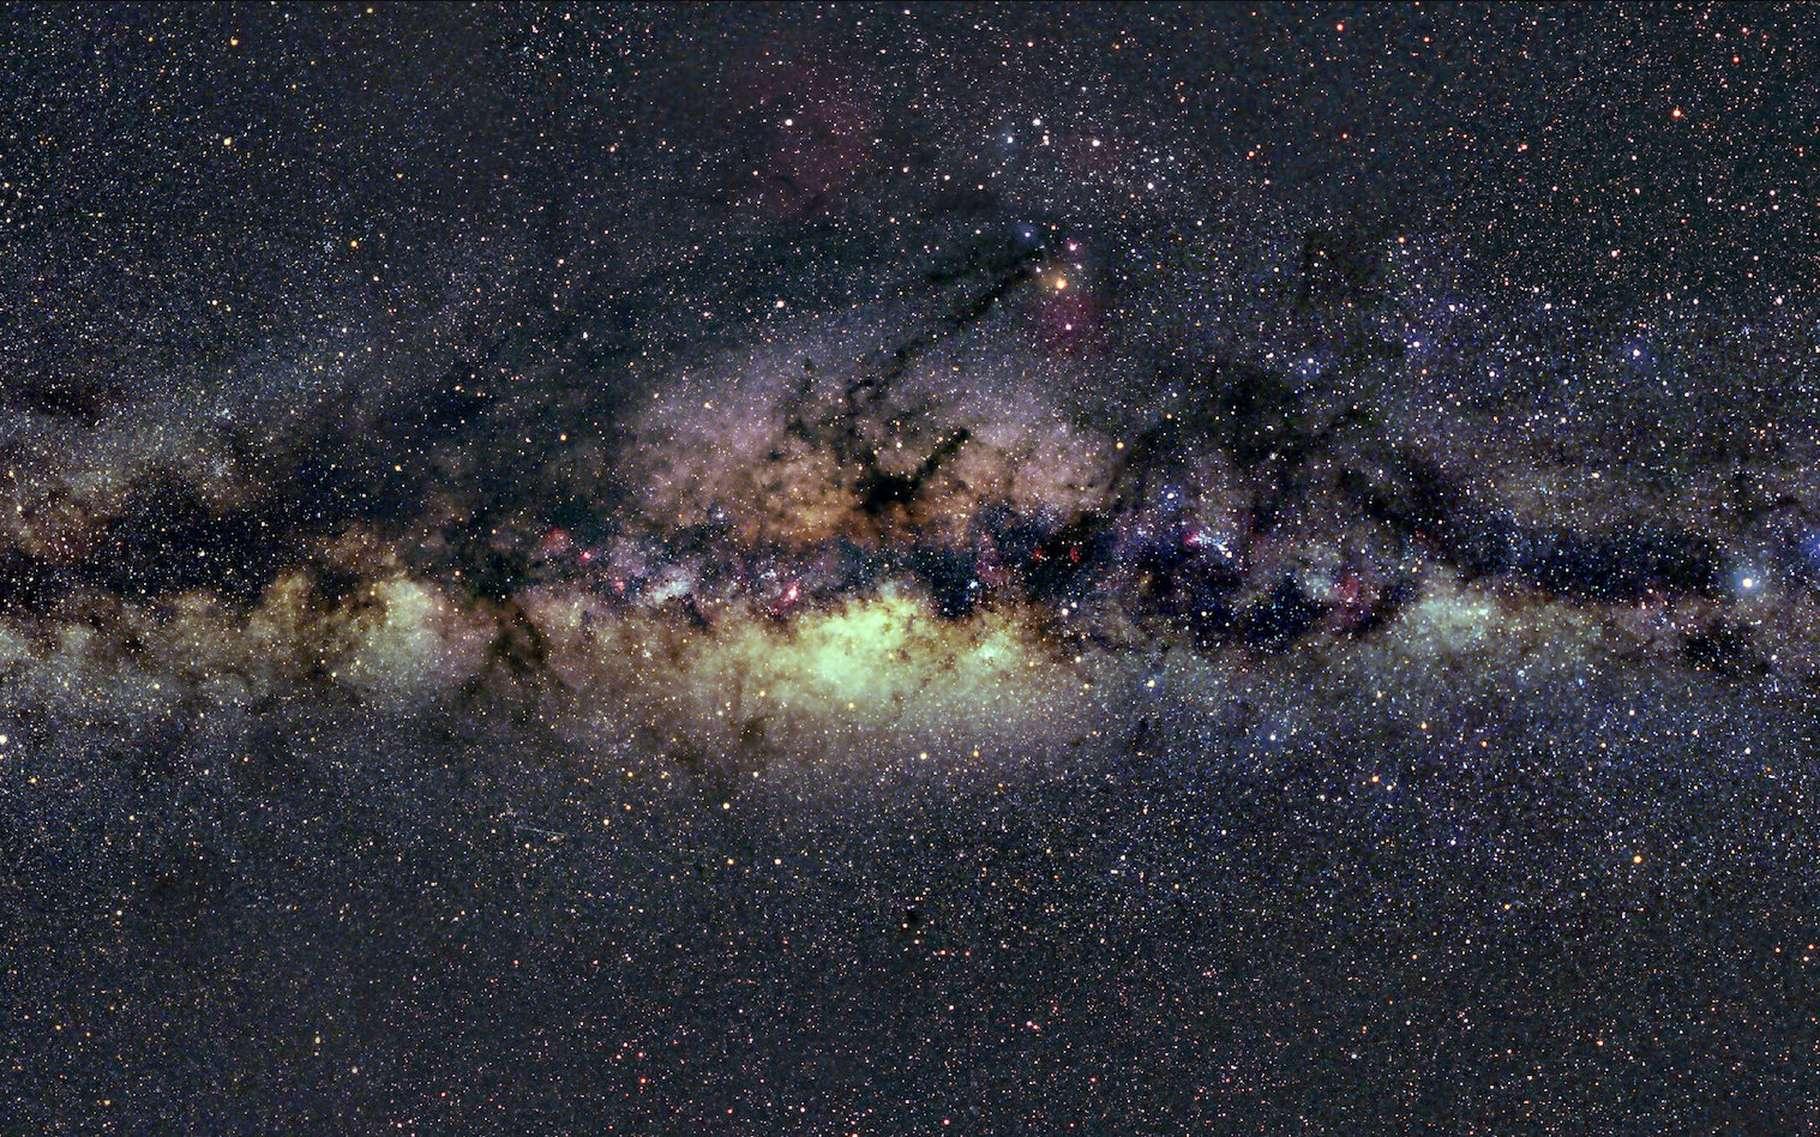 L'étrange « drapeau rouge » observé par les astronomes l'a été dans la partie jaune de la Voie lactée sur cette photo. Elle est émise par de l'hydrogène gazeux ionisé. © Axel Mellinger